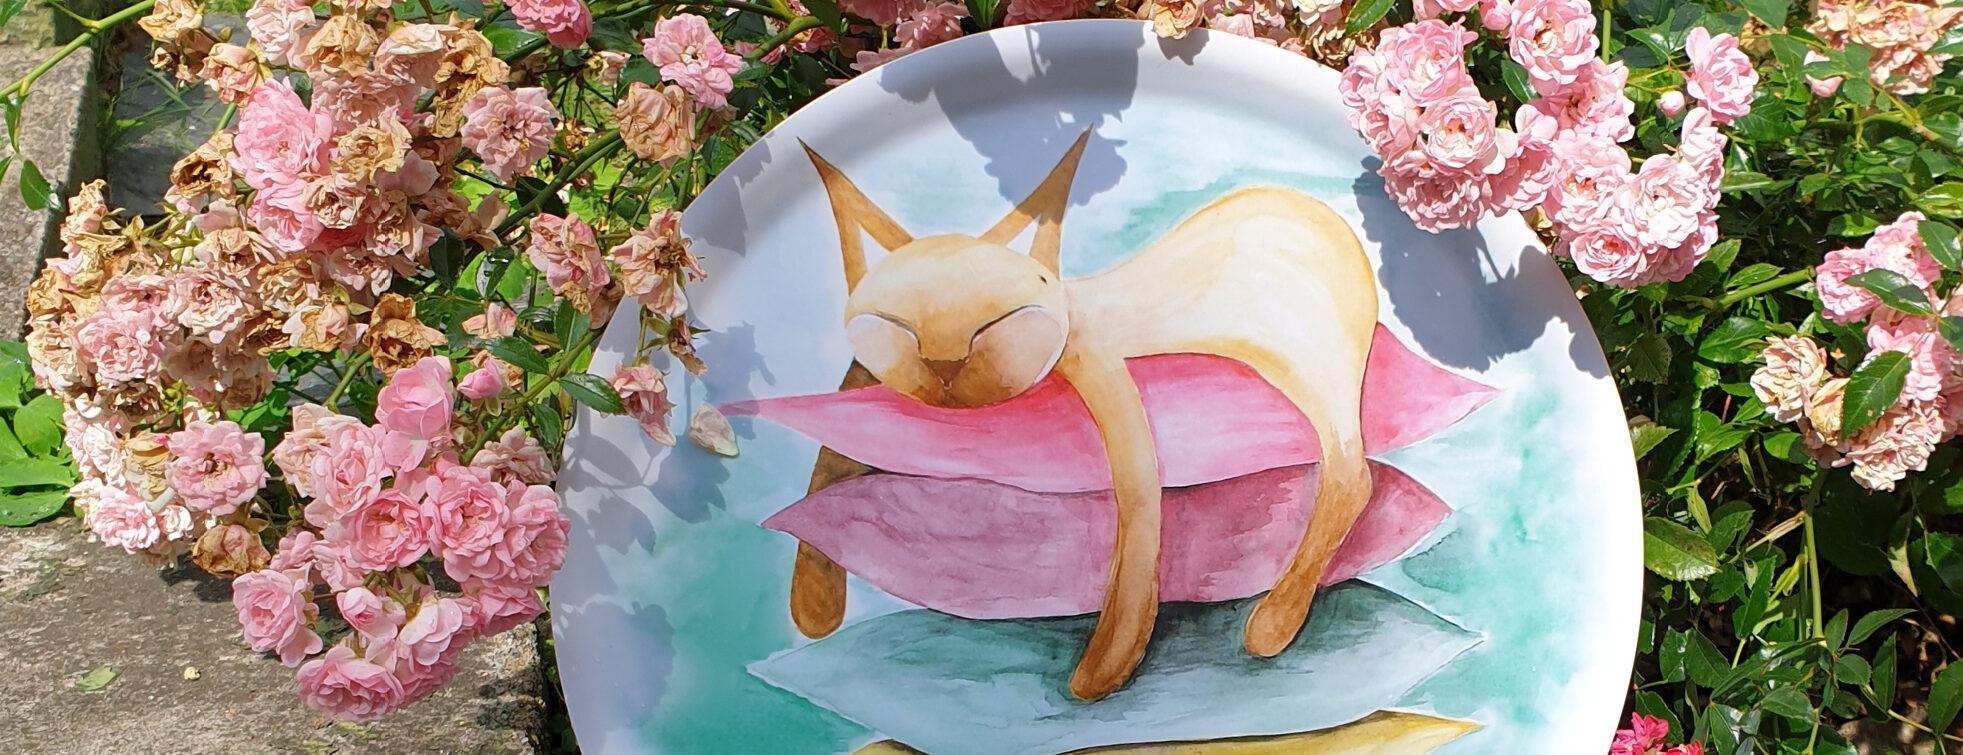 kattbricka i vårens färger